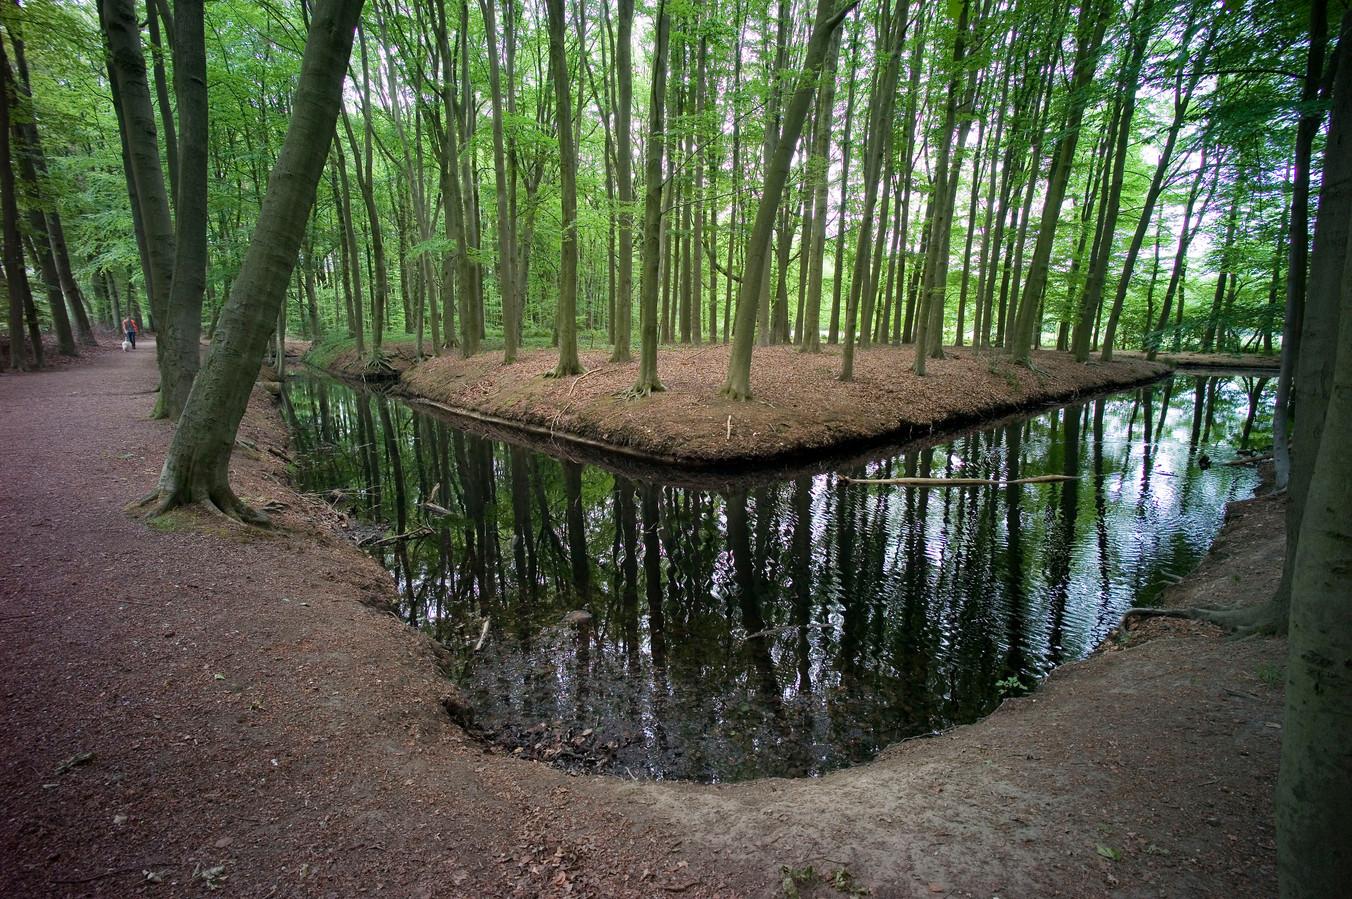 In oktober moet een grootschalige revitalisatie van 'De Eilandjes' beginnen, waarbij twee derde van de bestaande bomen wordt gekapt en vervangen door nieuwe, gezonde bomen.